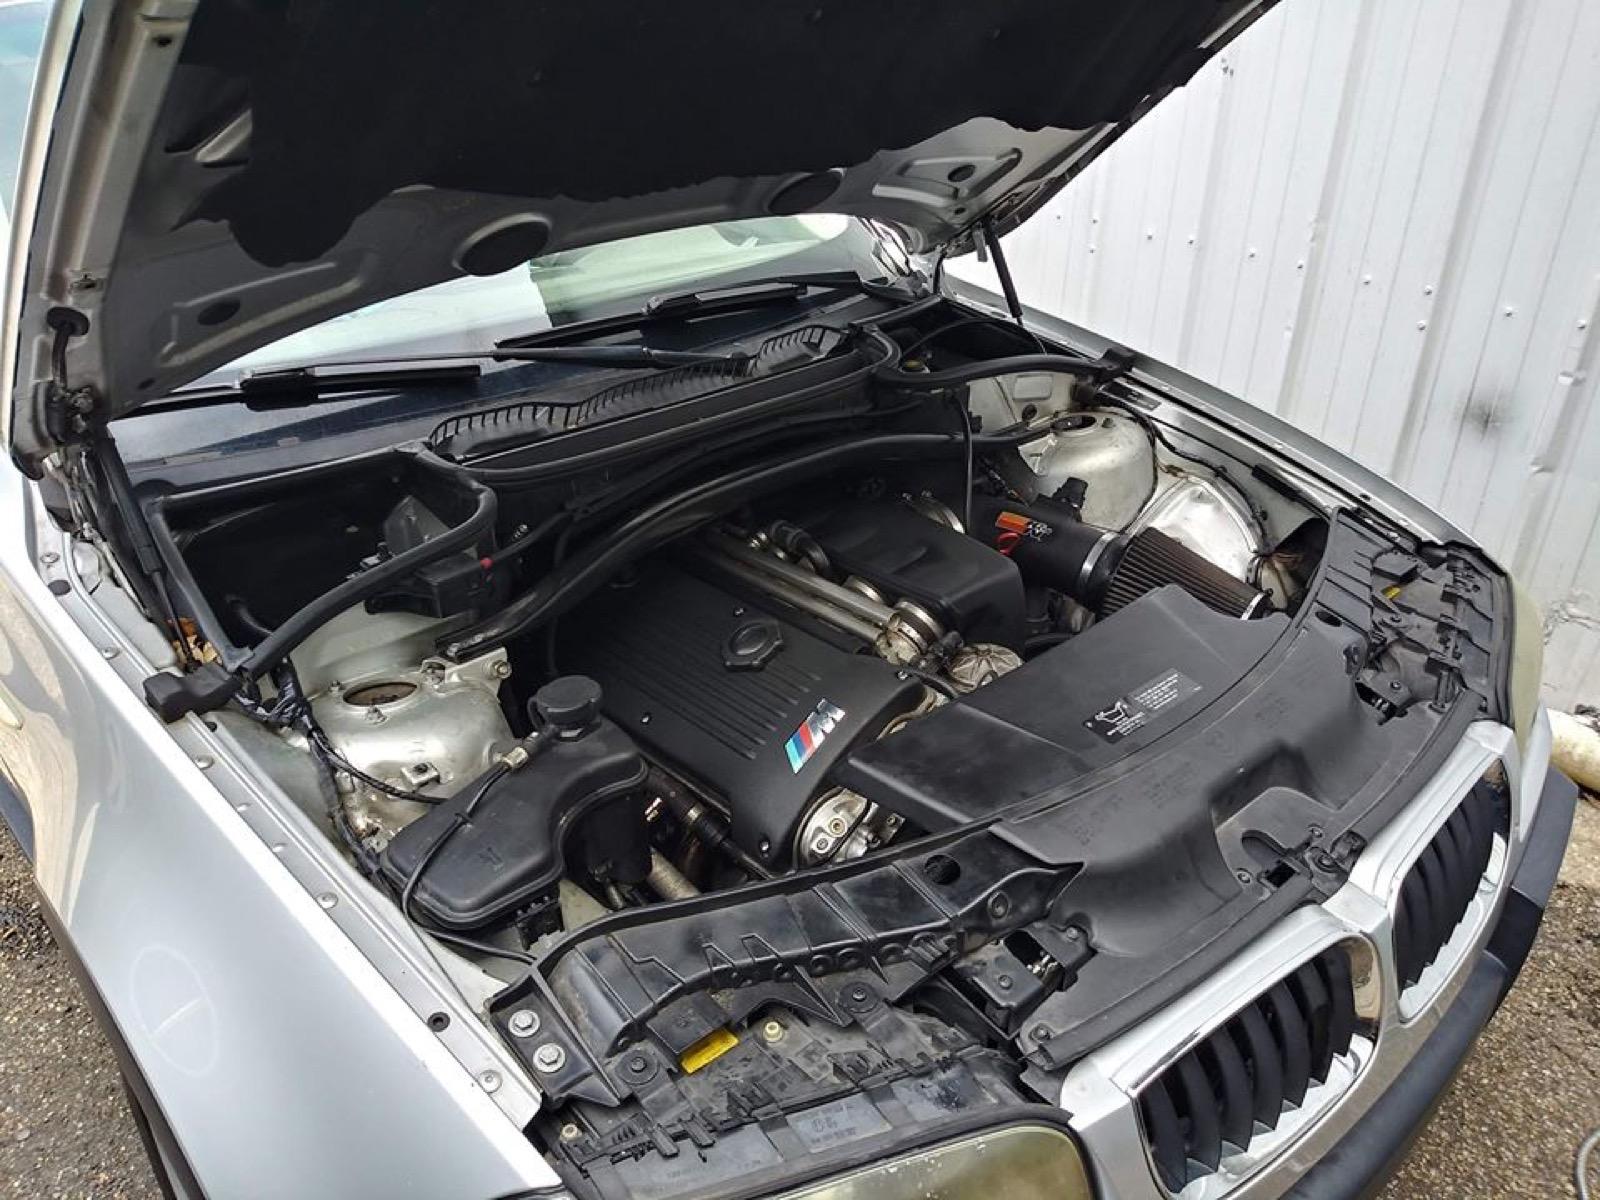 BMW_X3_with_M3_engine_0001